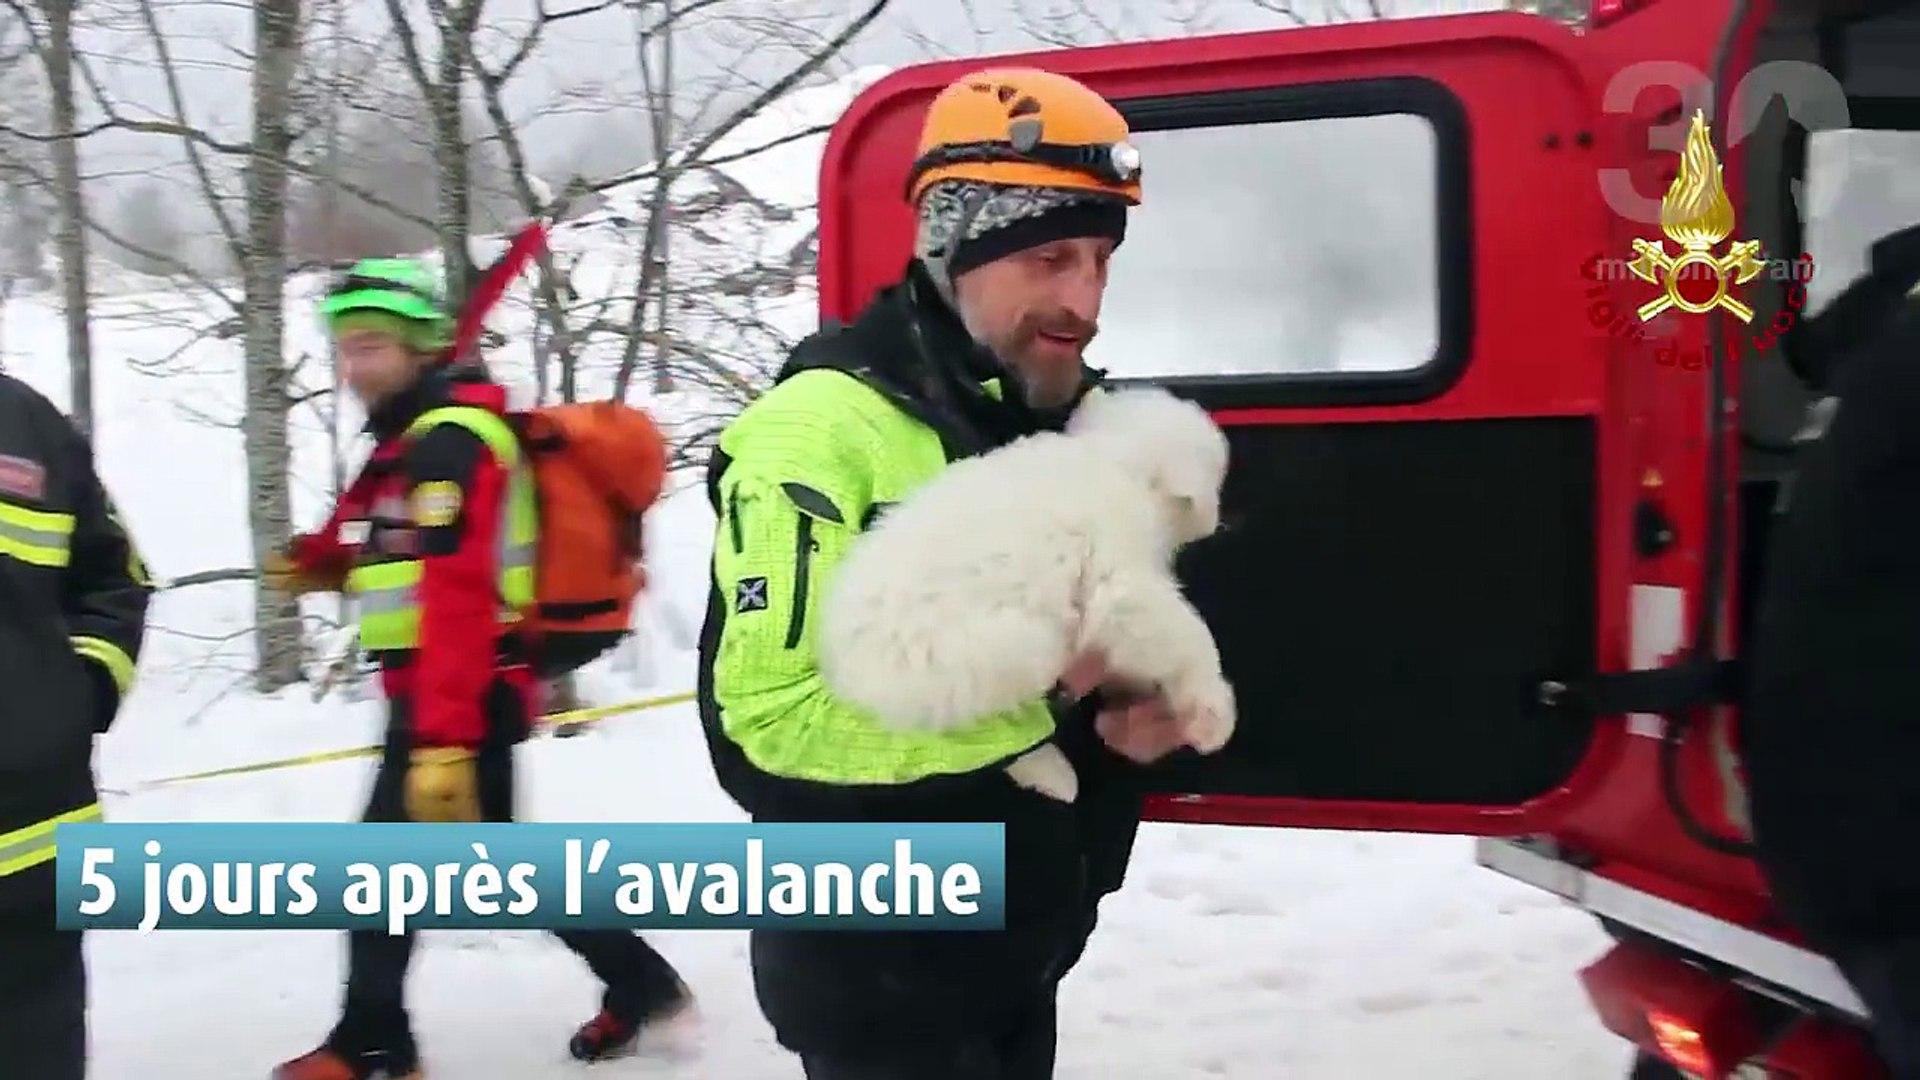 Avalanche en Italie : le magnifique sauvetage de trois chiots, retrouvés sains et saufs, redonne esp